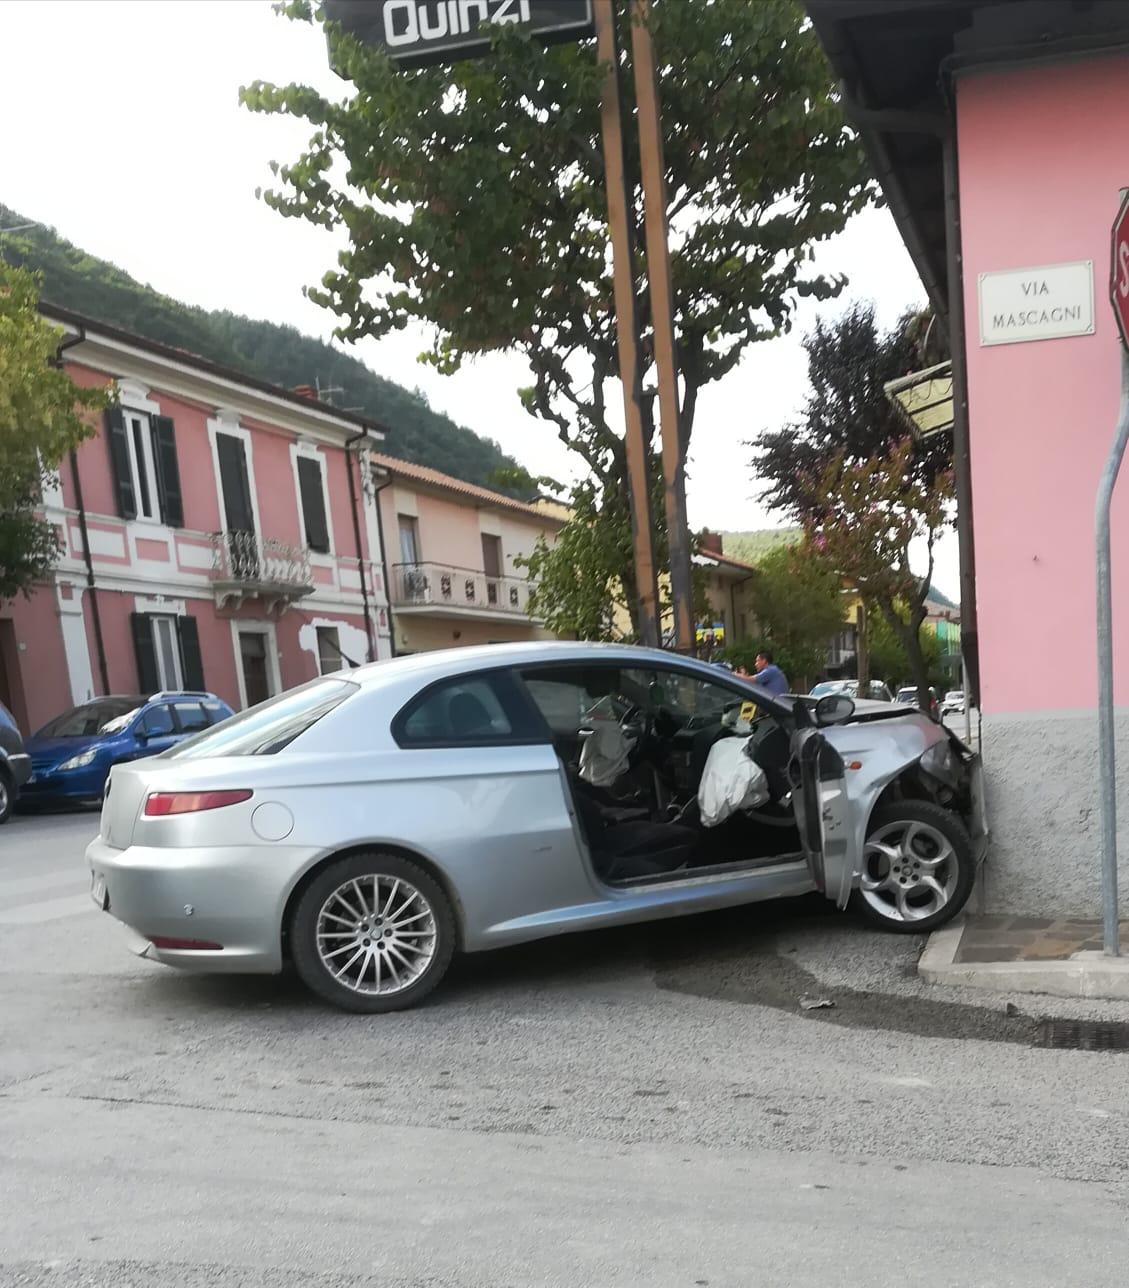 Sfugge ai controlli e si schianta con l'auto dopo un inseguimento